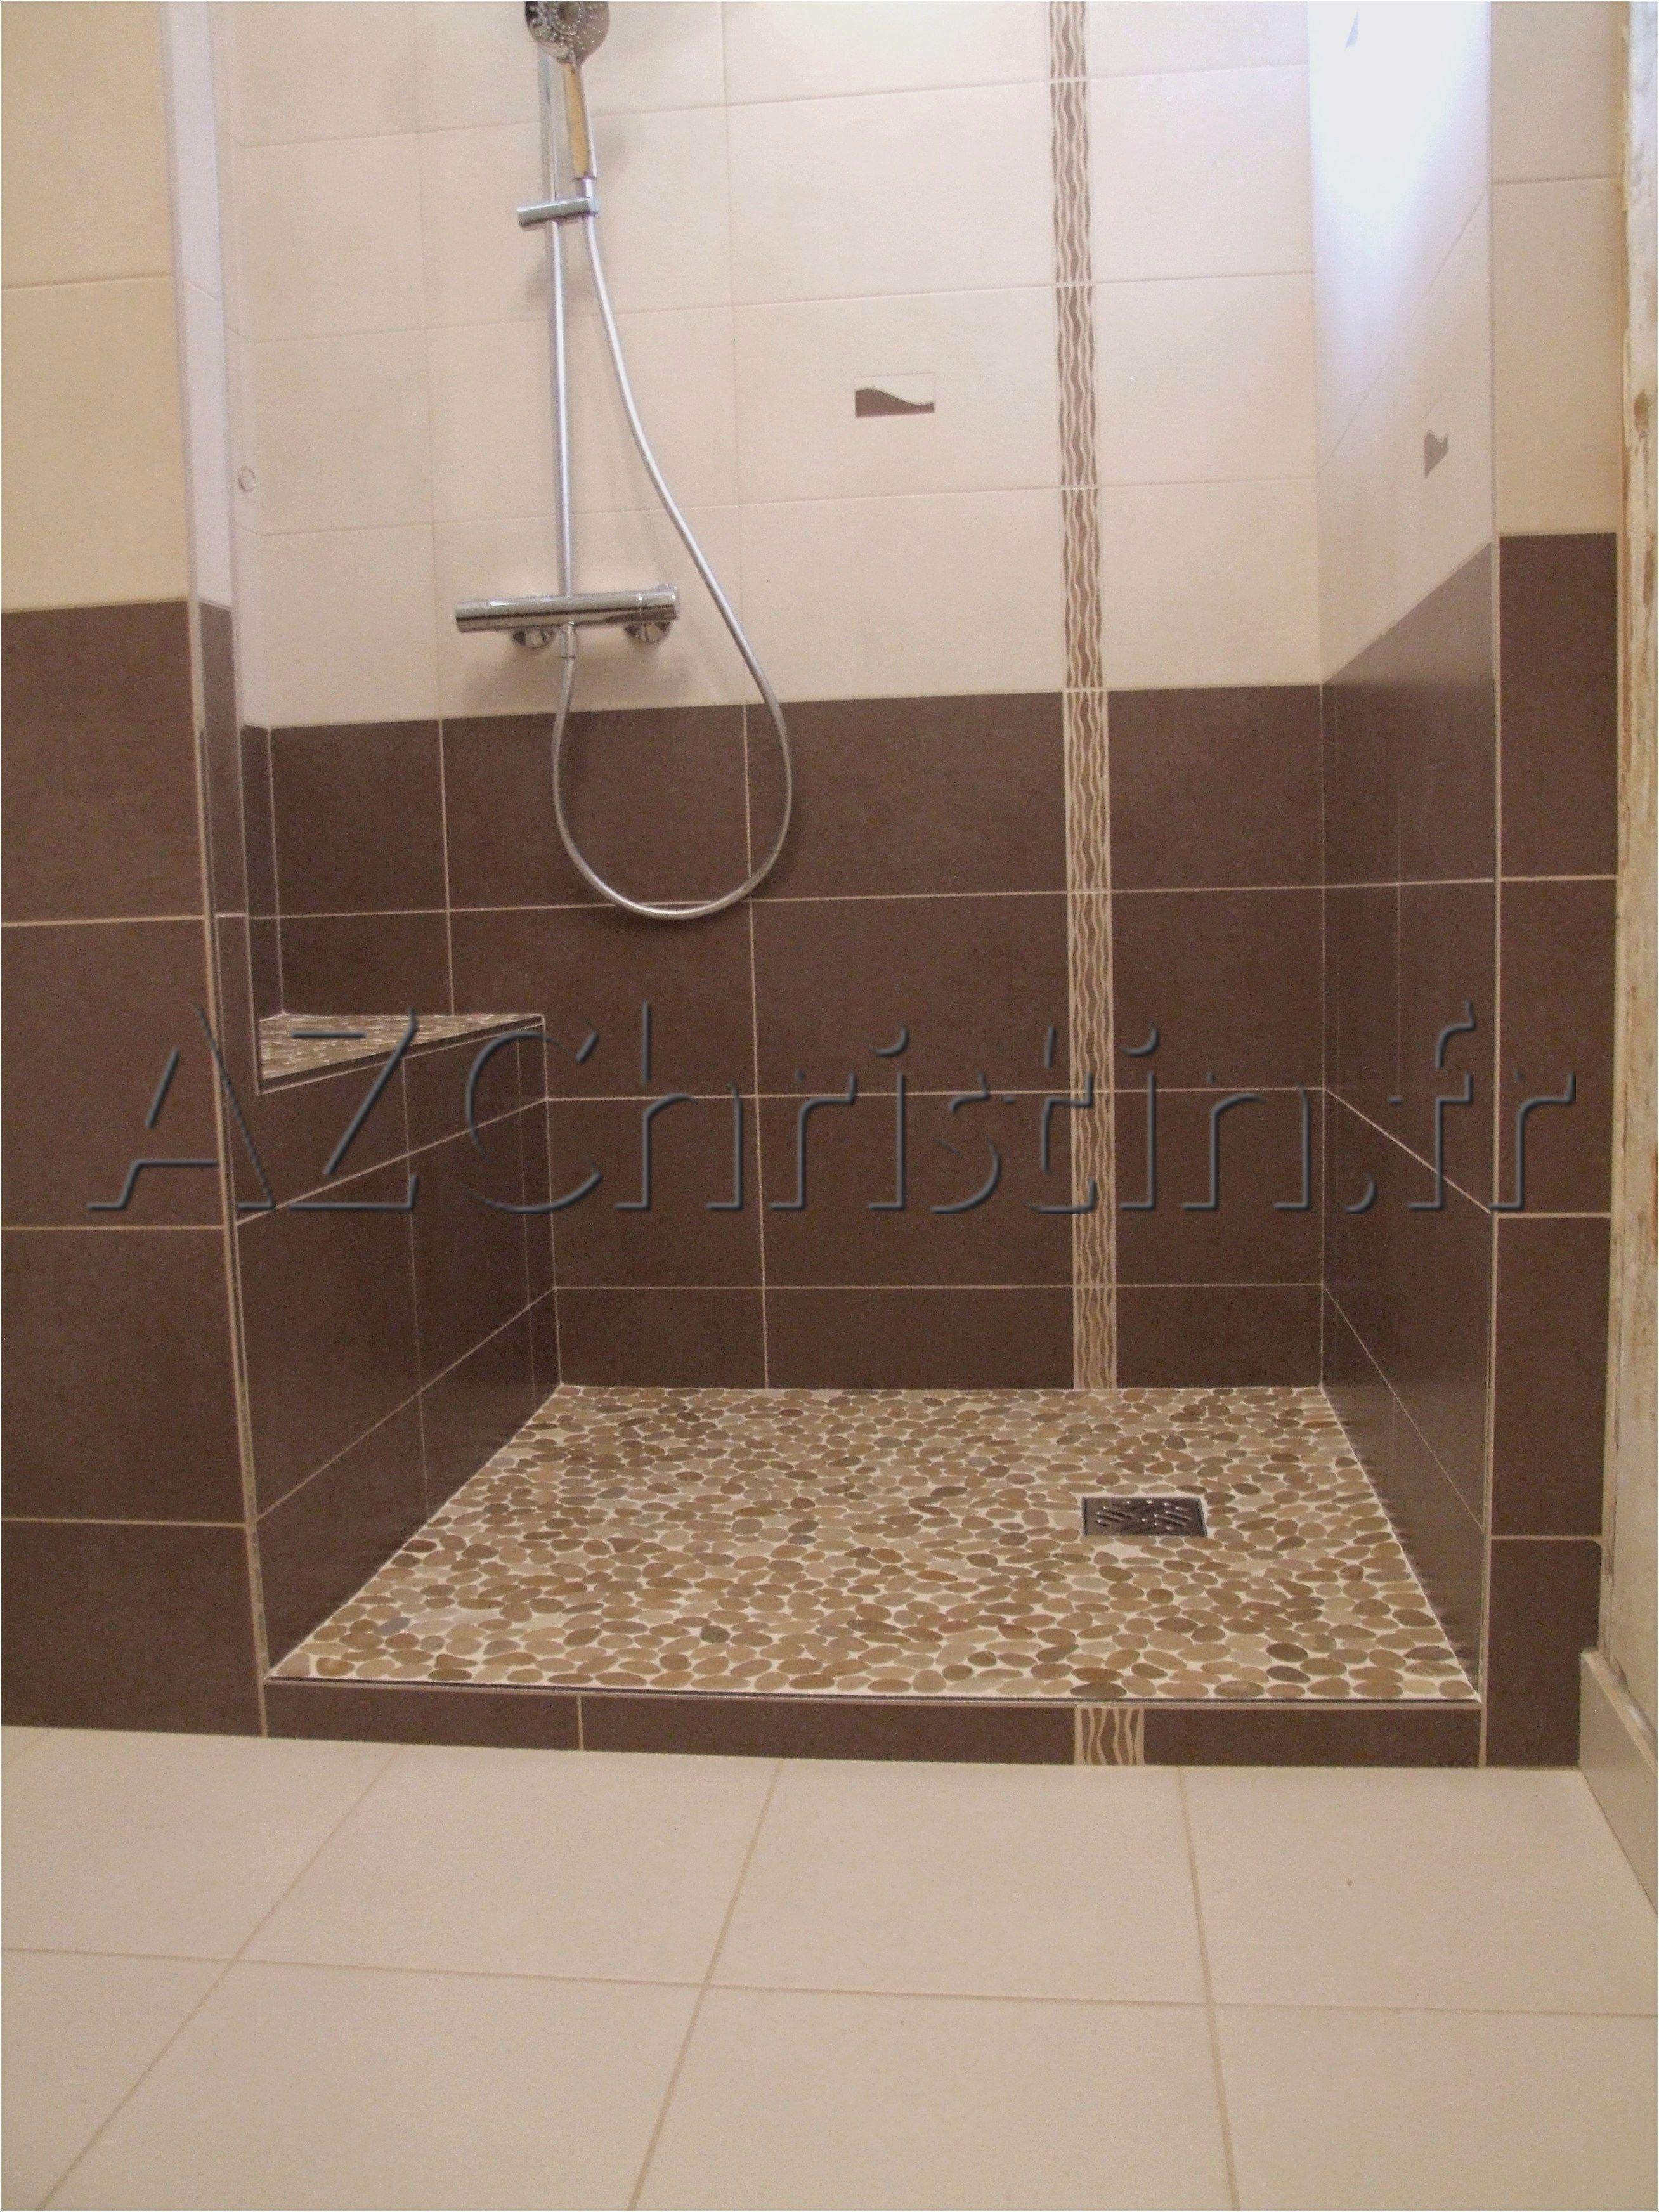 astuce moisissure joint salle de bain elegant faire joint silicone douche joint de douche